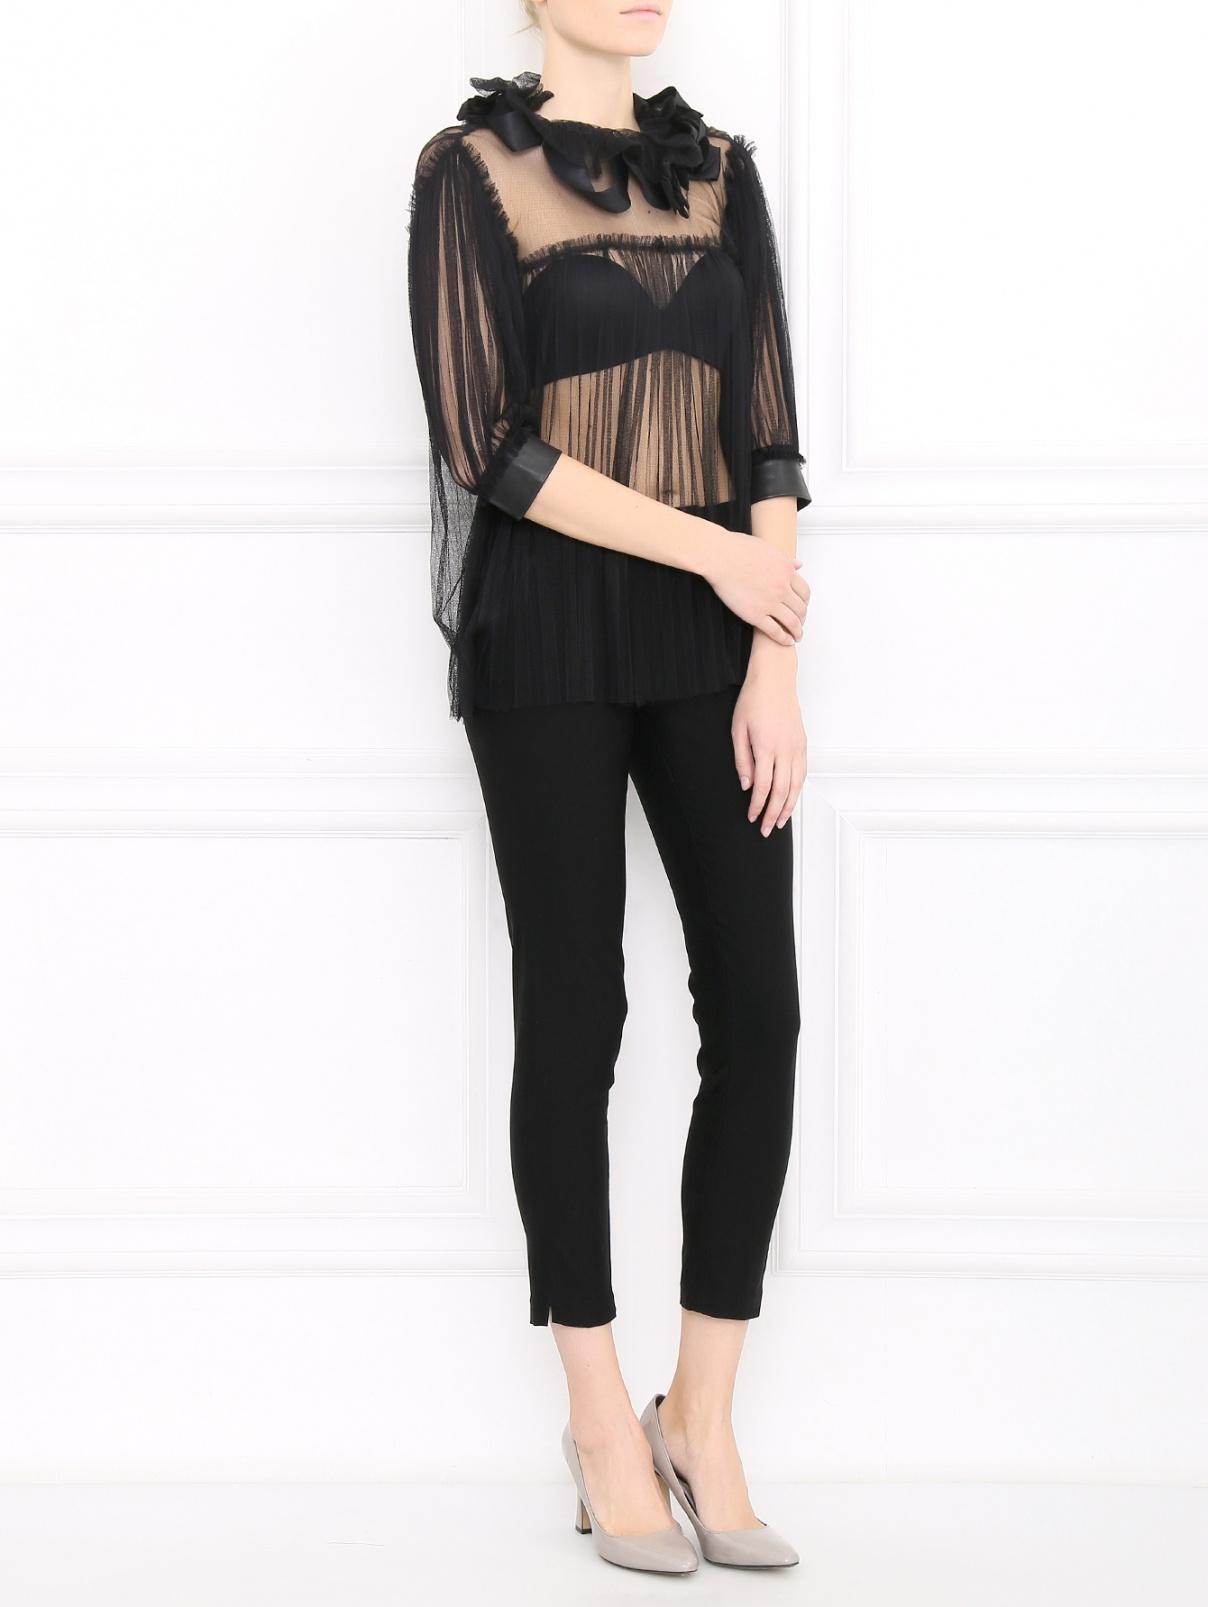 Блуза из шелка с кожаными вставками Mariella Burani  –  Модель Общий вид  – Цвет:  Черный